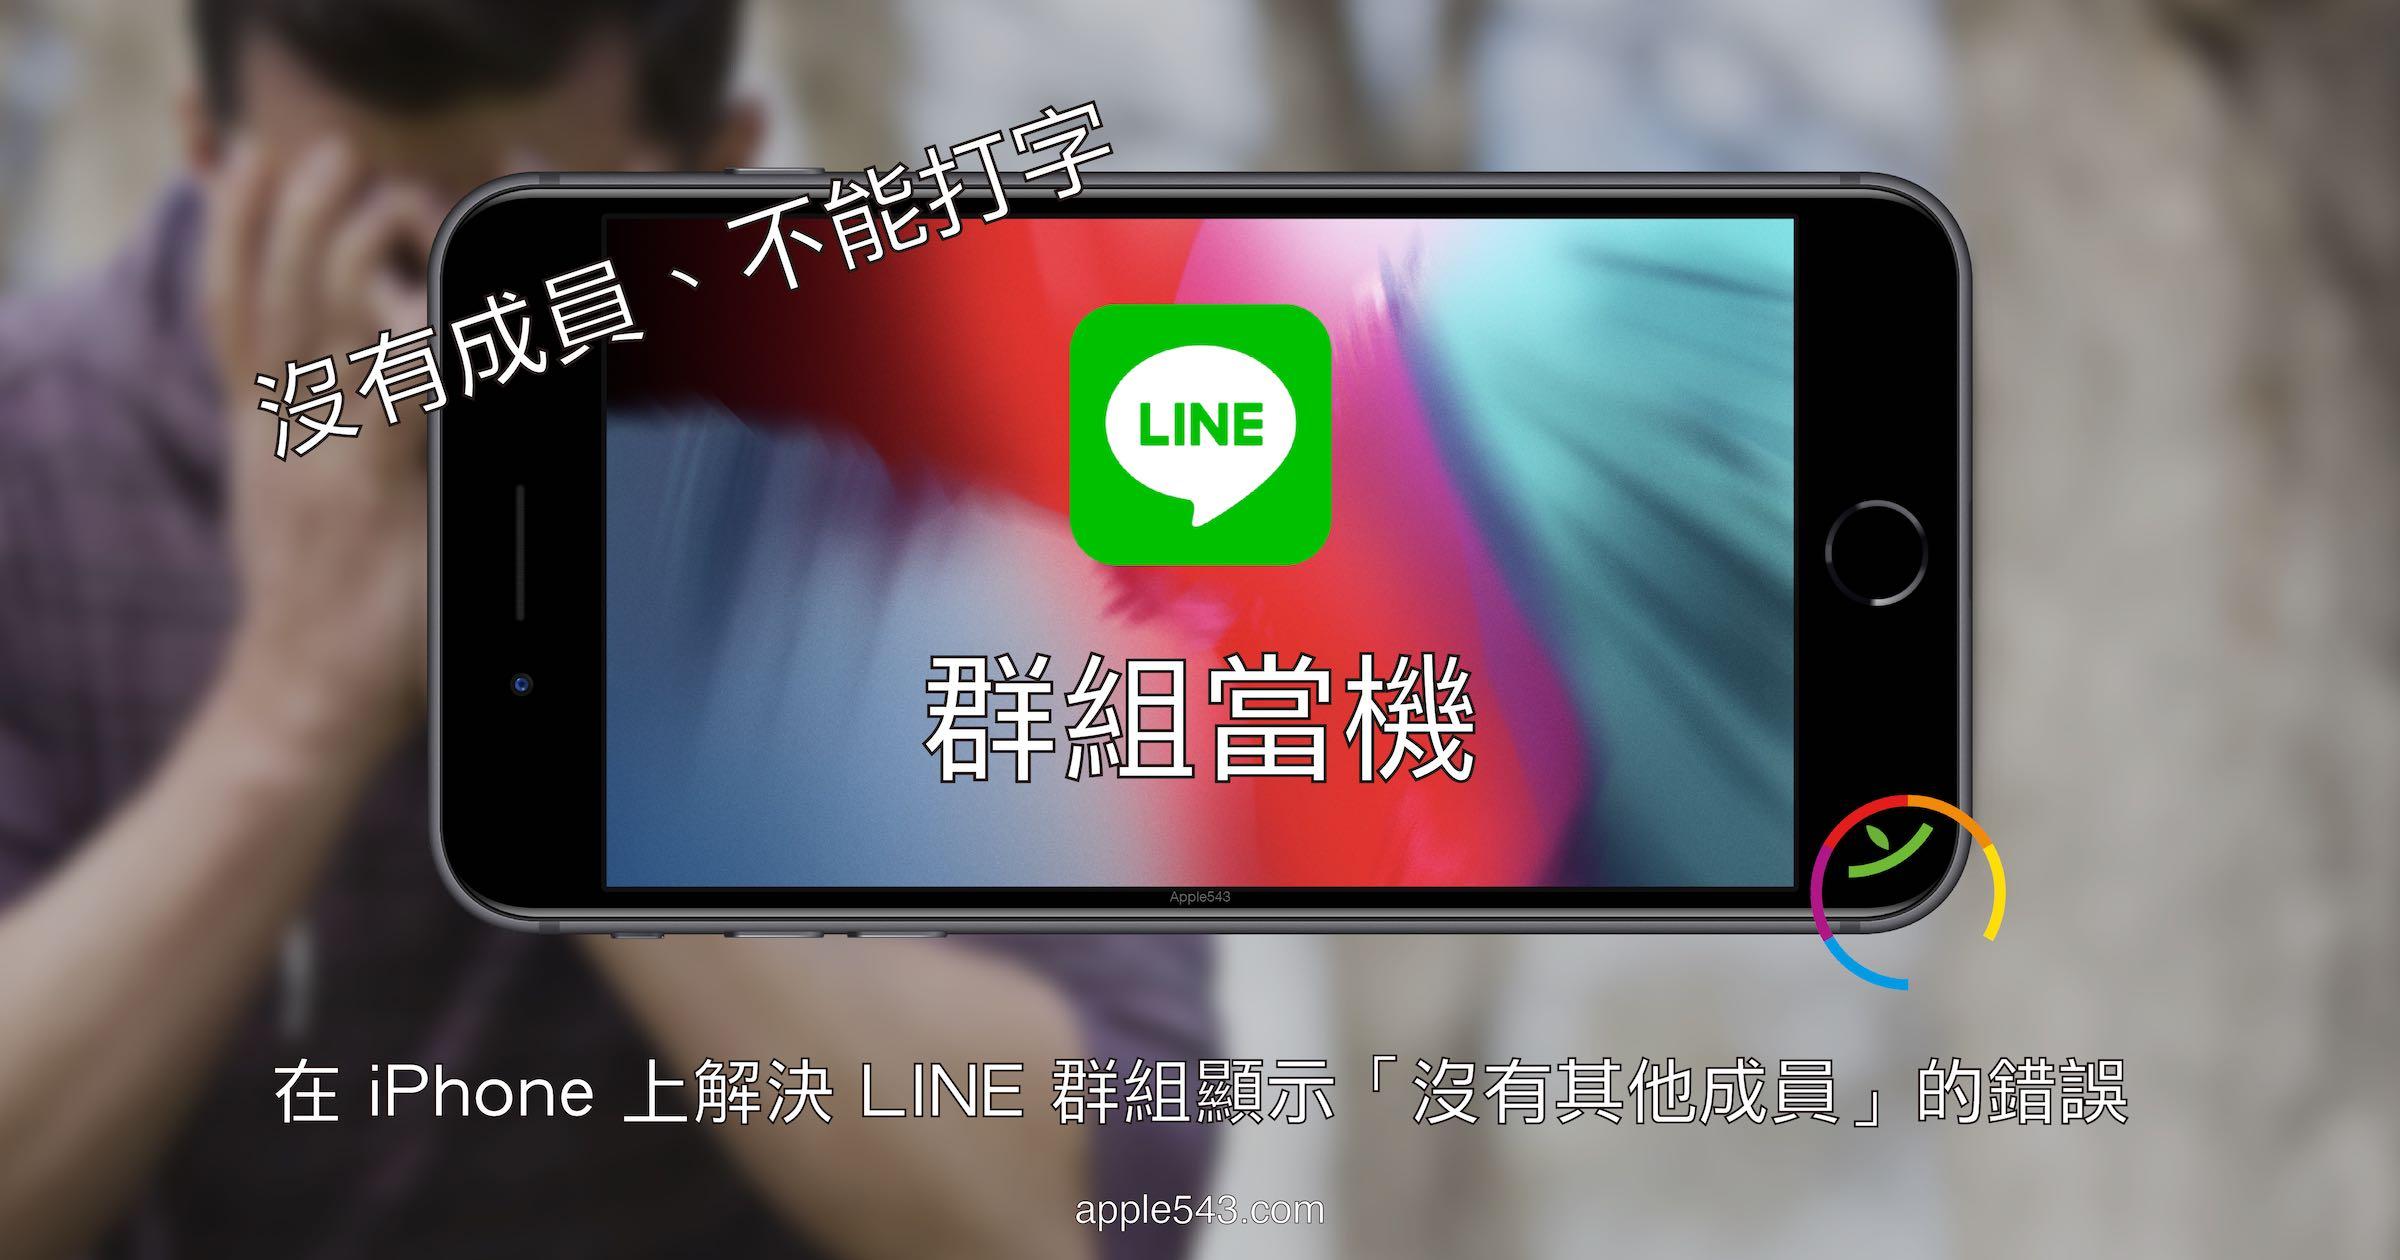 LINE 群組 沒有其他成員